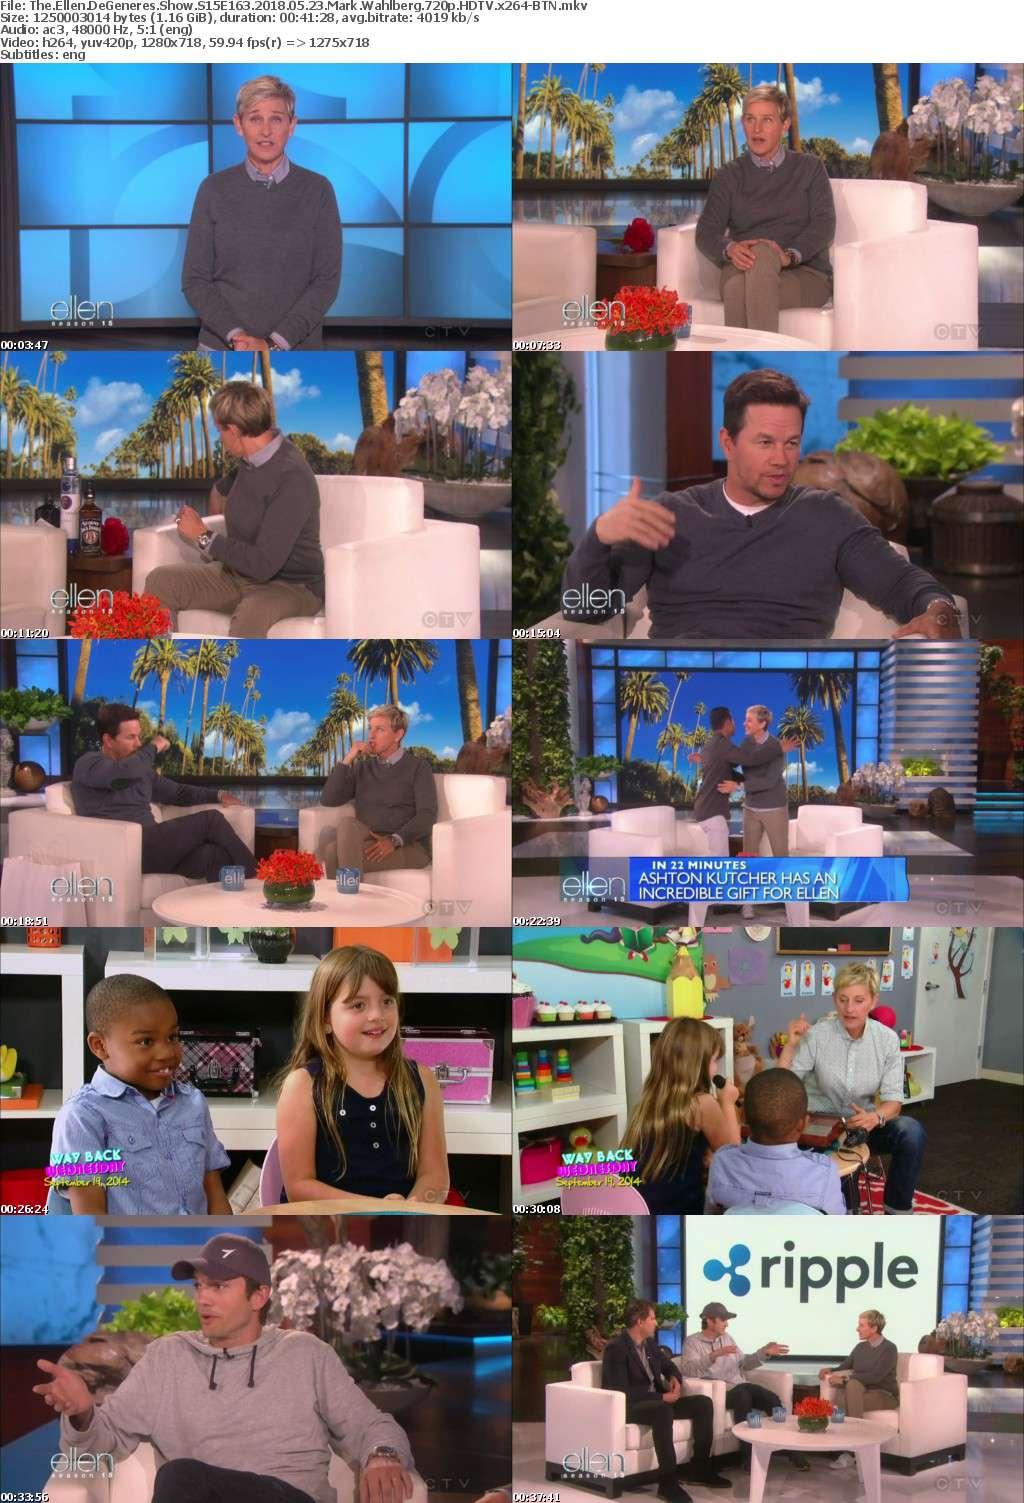 The Ellen DeGeneres Show S15E163 2018 05 23 Mark Wahlberg 720p HDTV x264-BTN